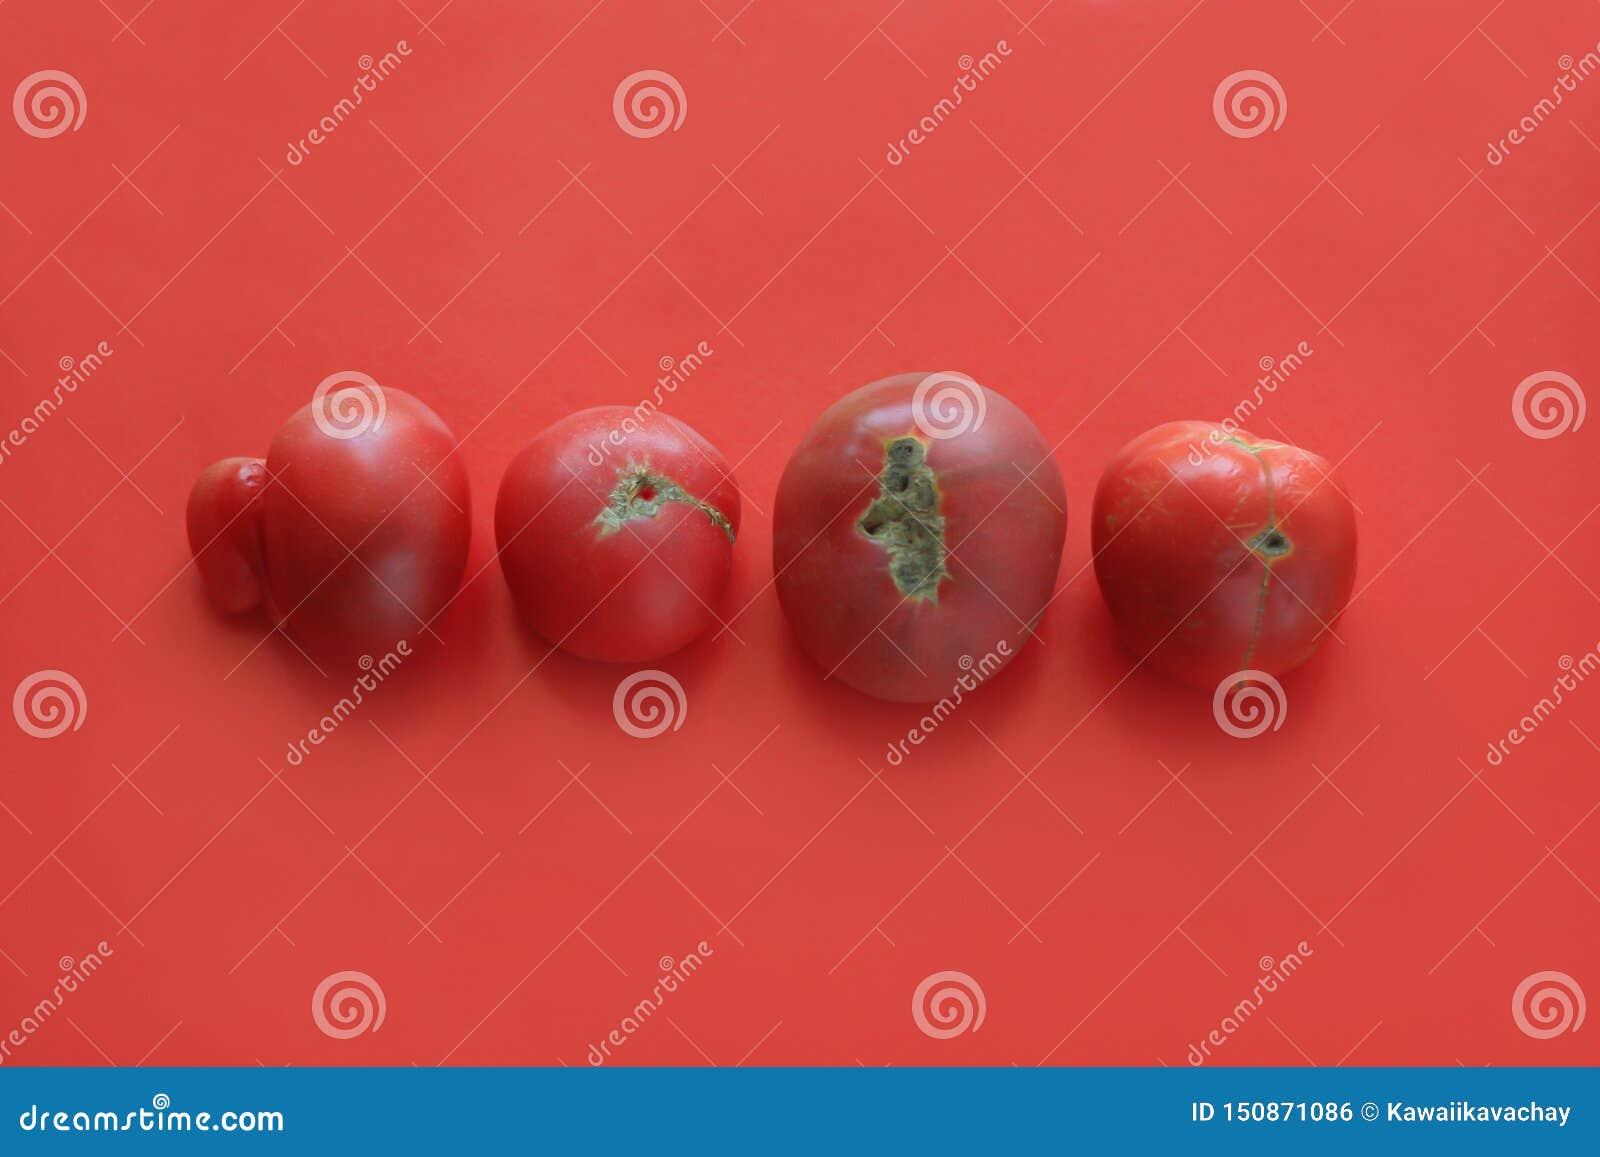 Conceito feio do alimento, tomates deformados no fundo vermelho, espaço da cópia